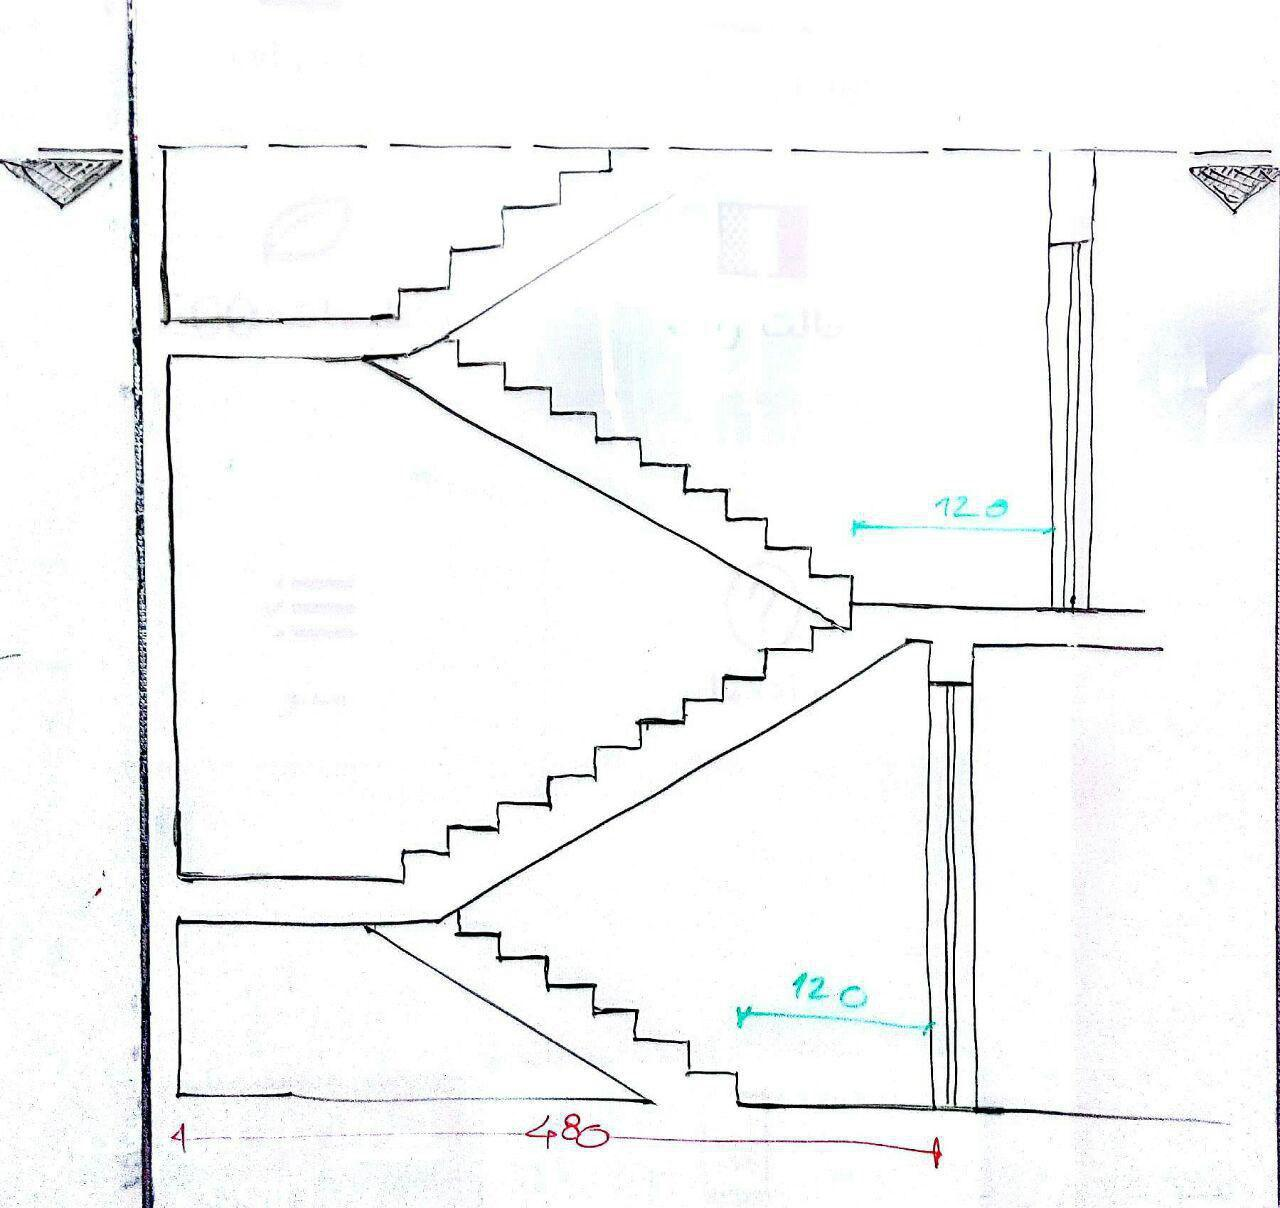 برش صحیح در صورت اختلاف تعداد پله در دو طبقه روی هم